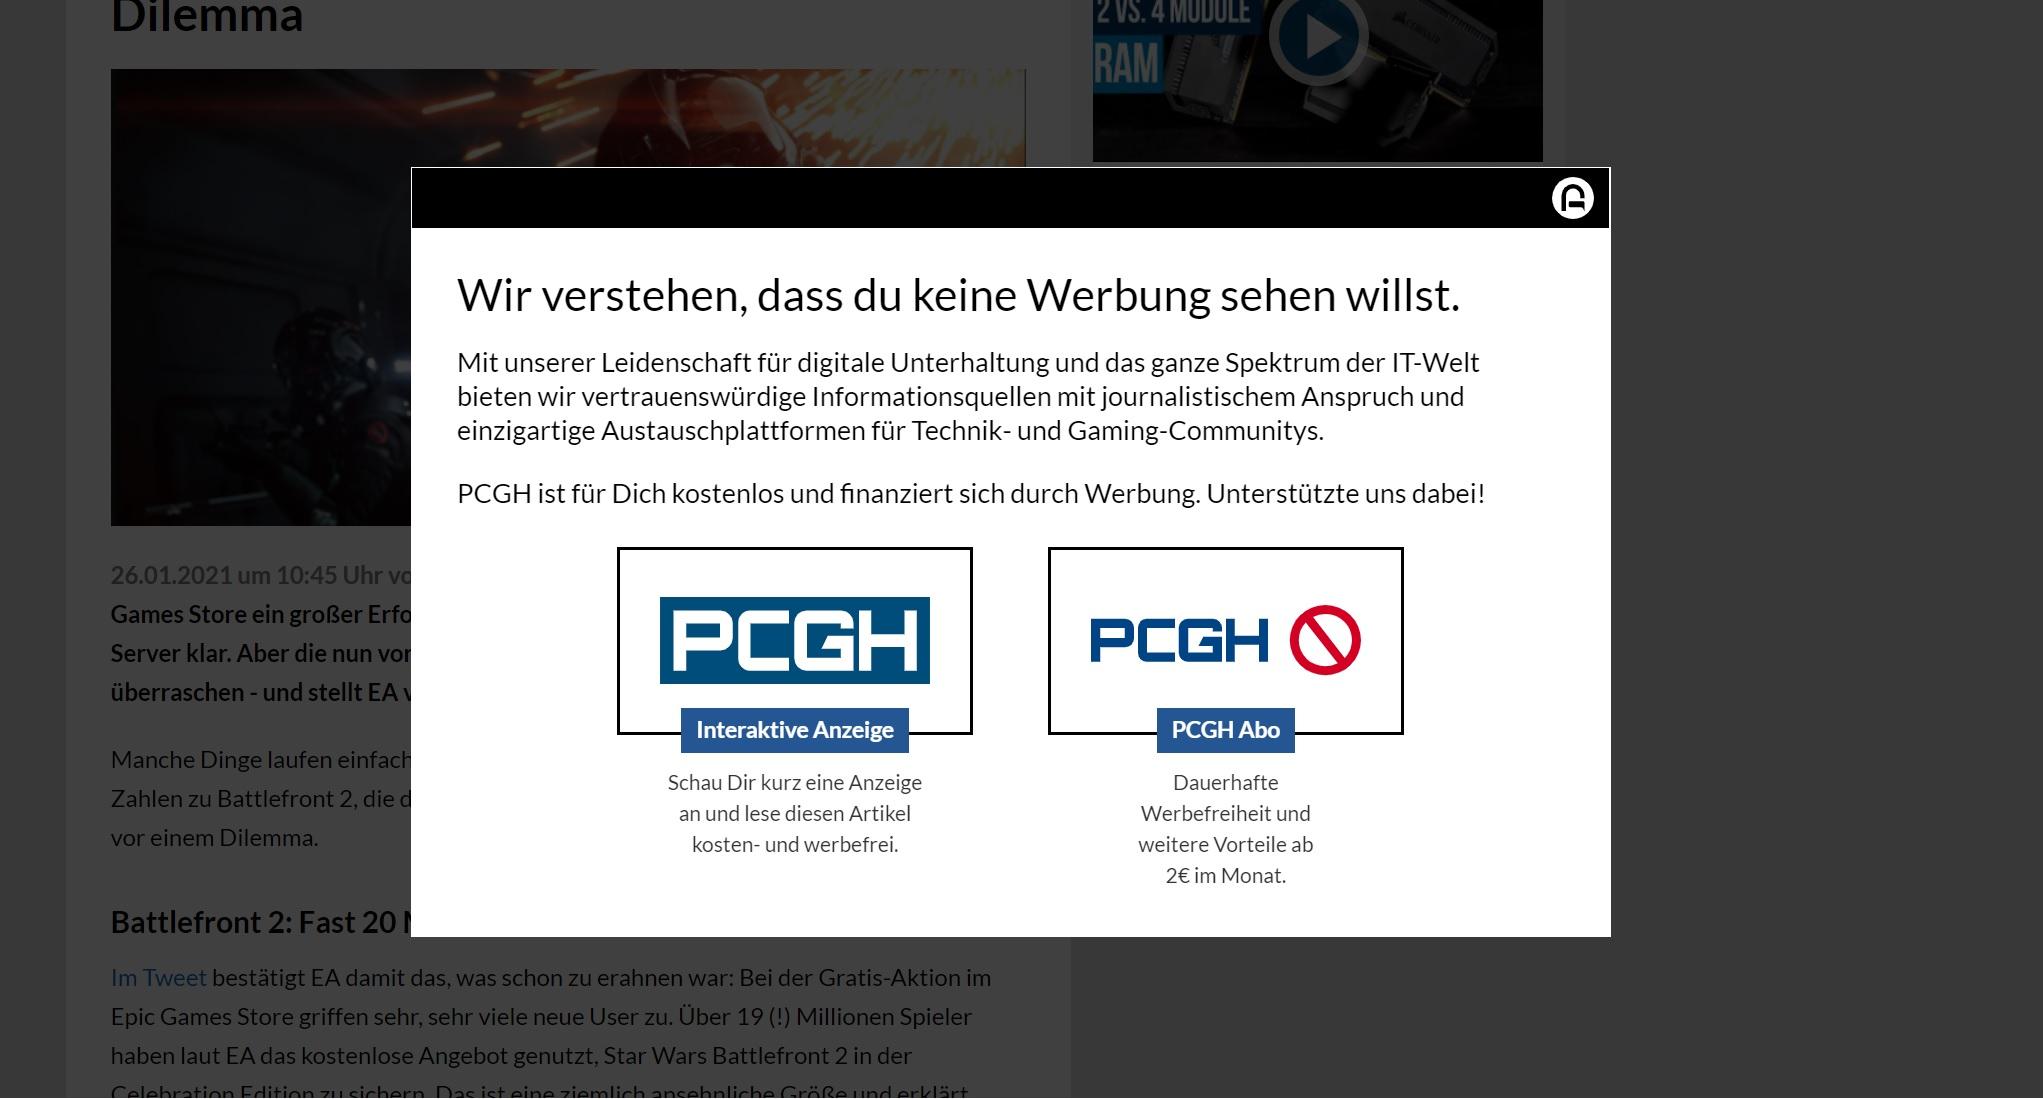 pcgh.jpg